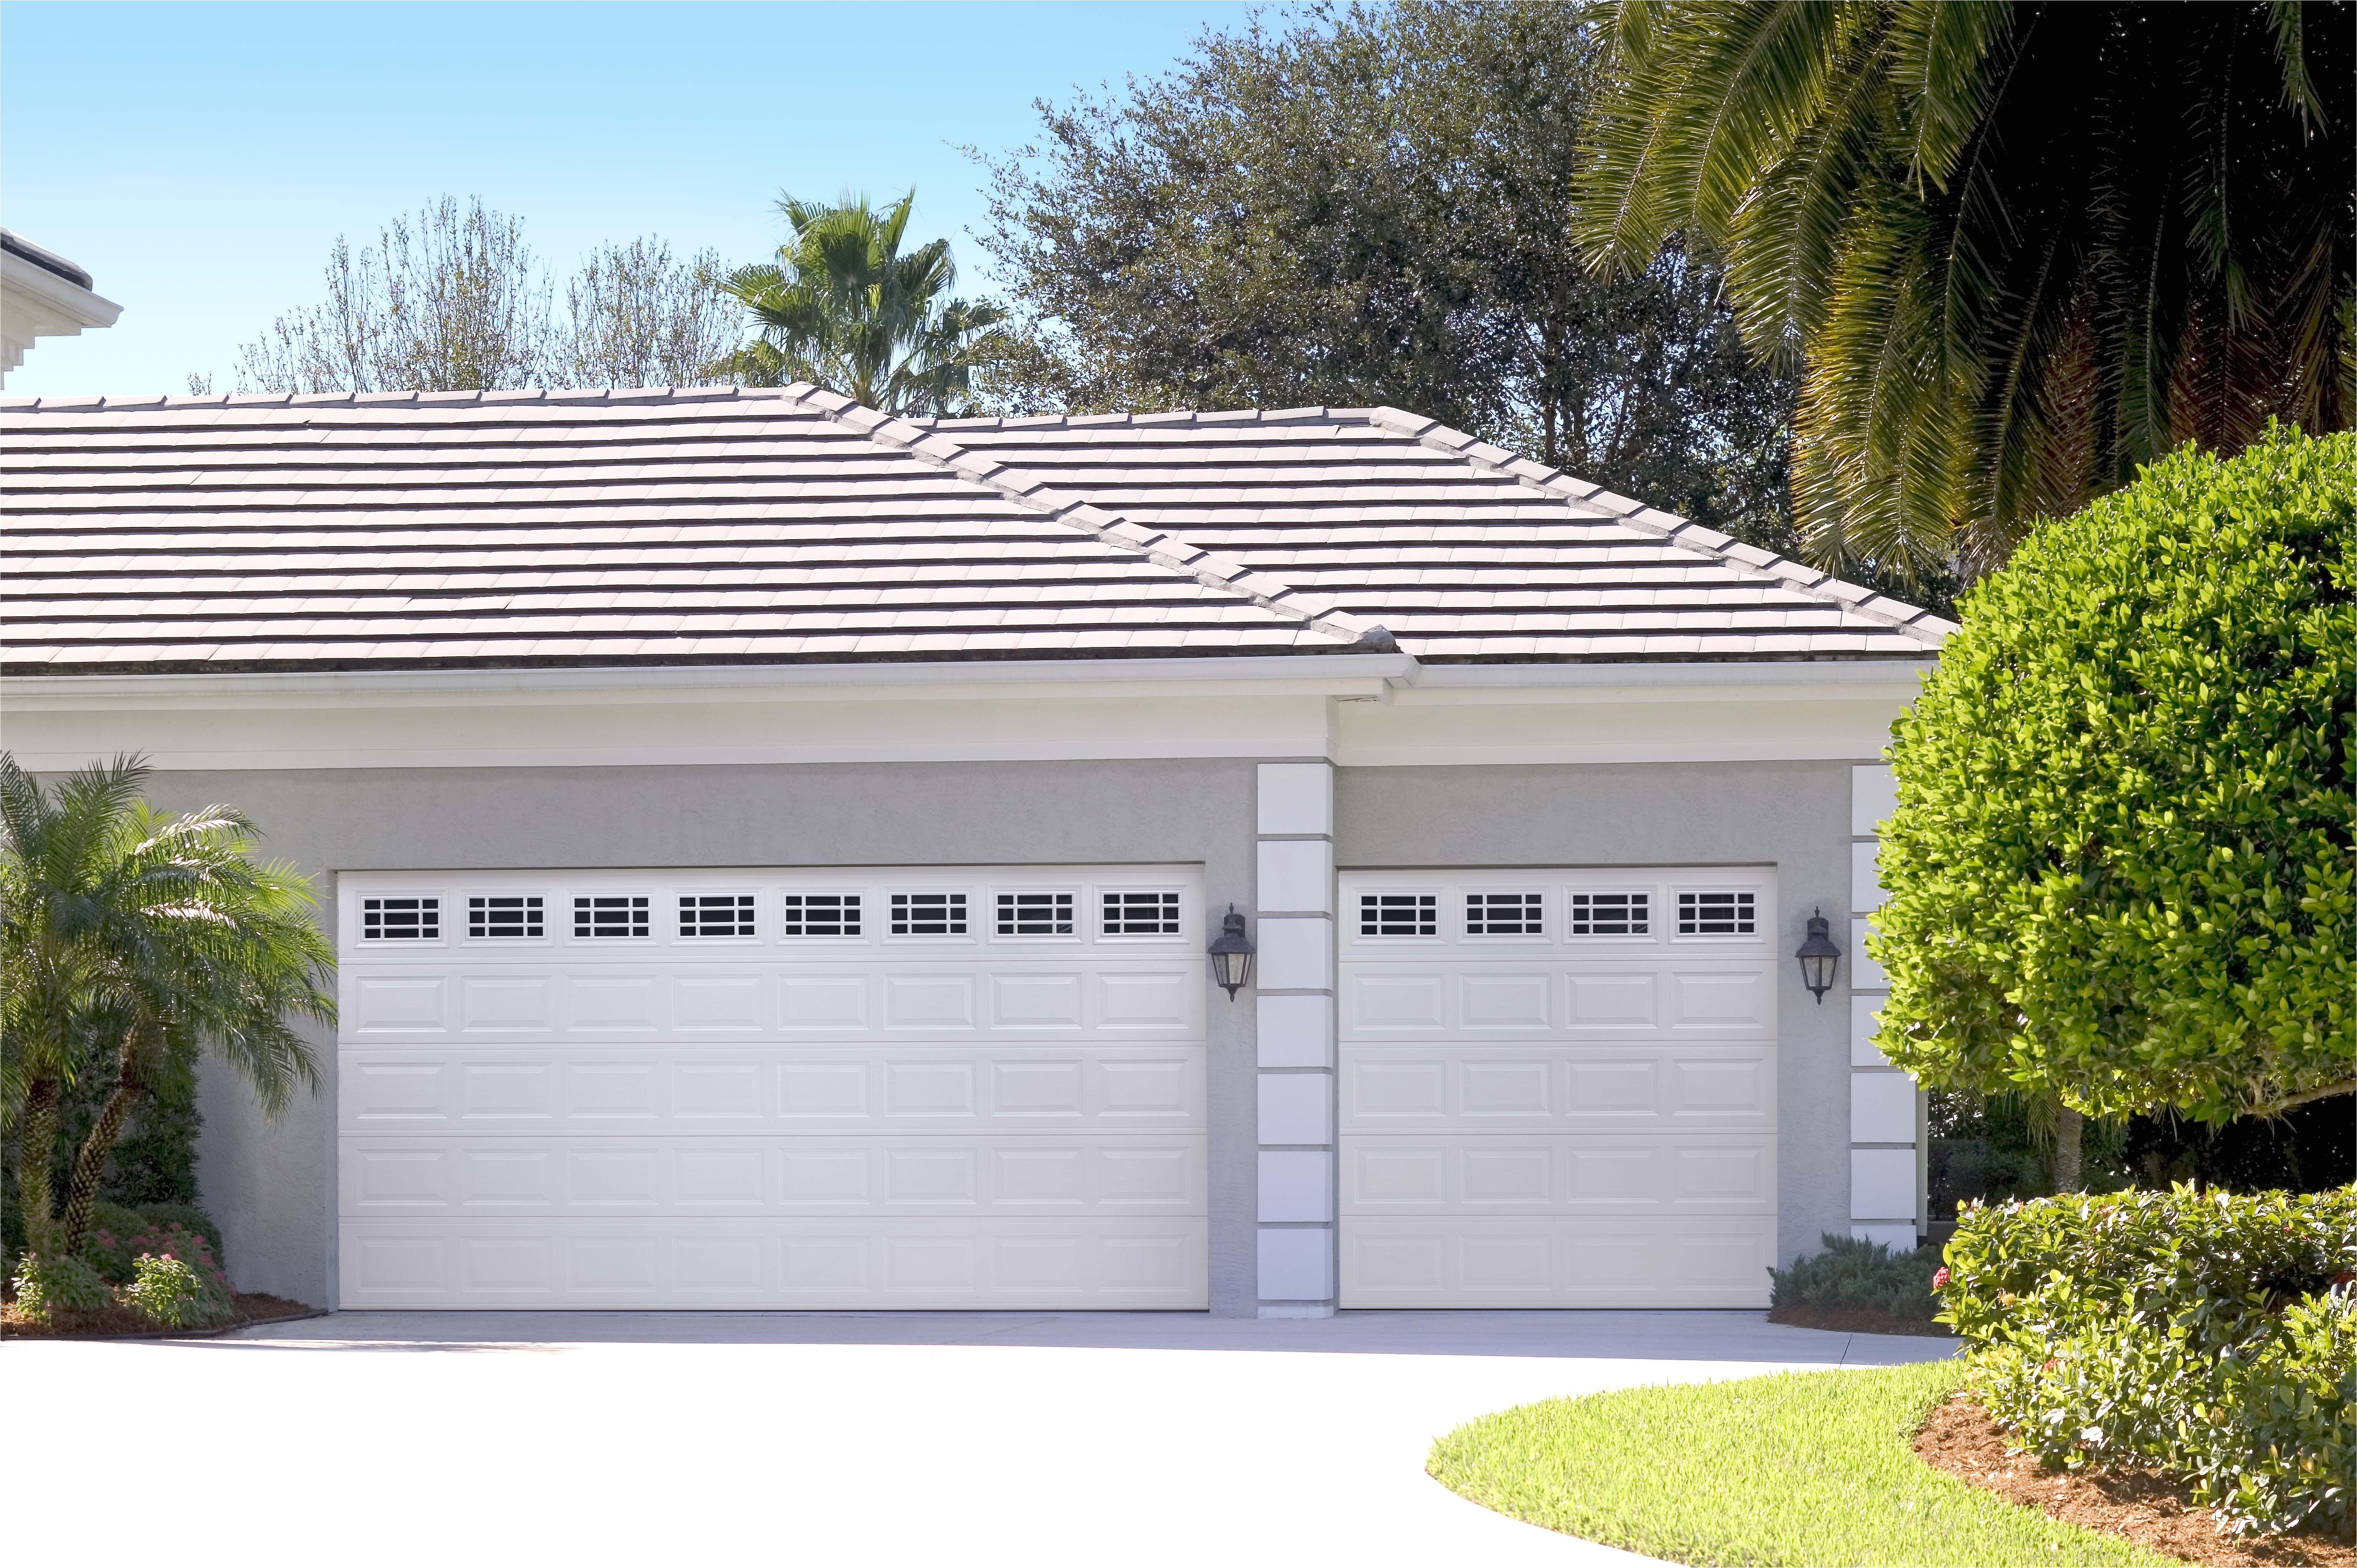 Overhead Door Company Lincoln Ne Amarr Short Panel Garage Door In True White with Prairie Windows